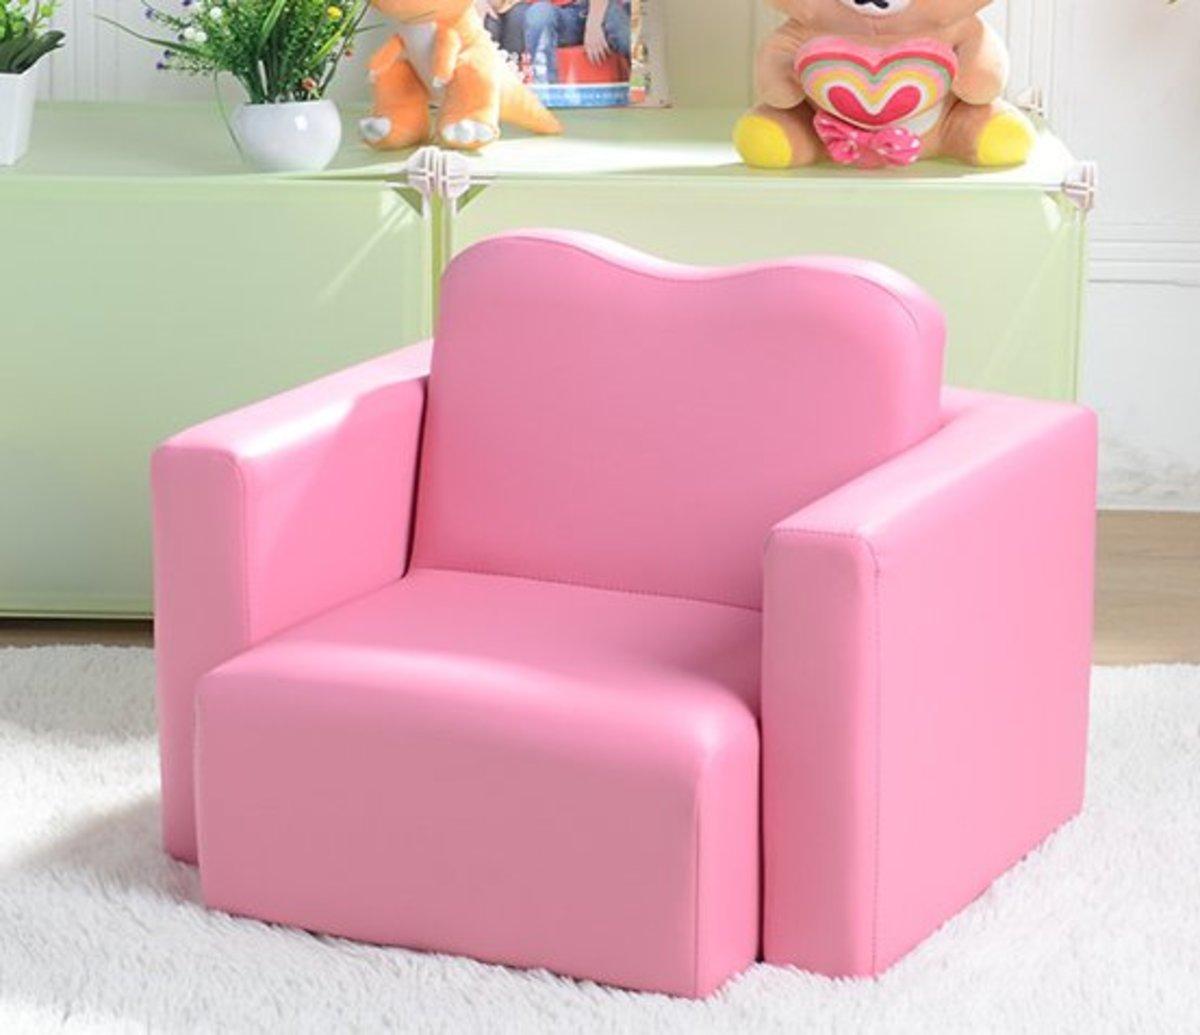 組合多功能椅沙發(深粉心形功能沙發)